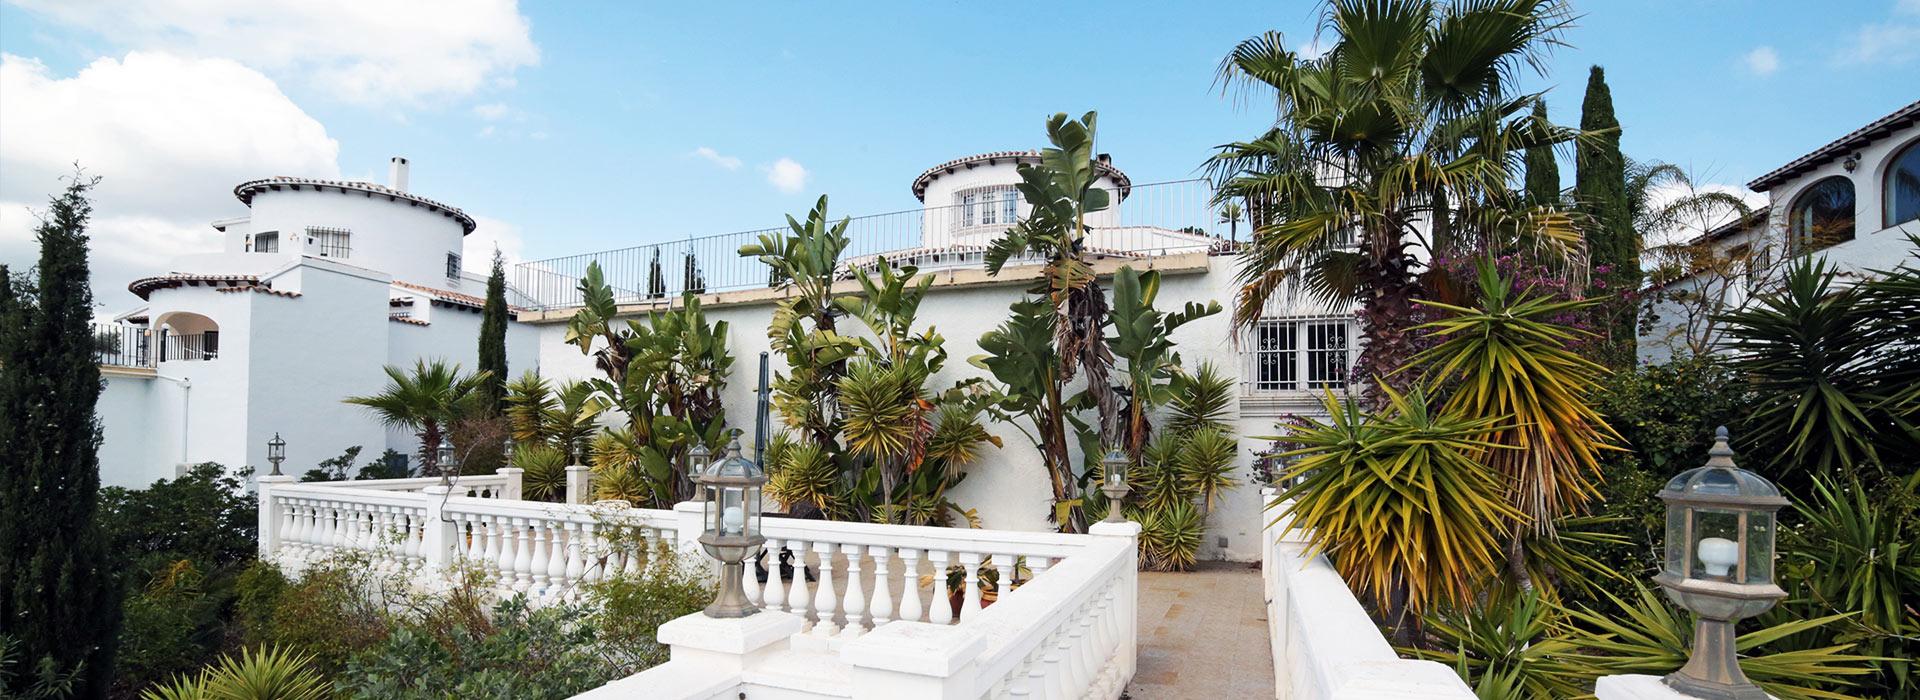 acb.immo - Villa de 6 chambres avec appartement séparé à Monte Pego, Denia